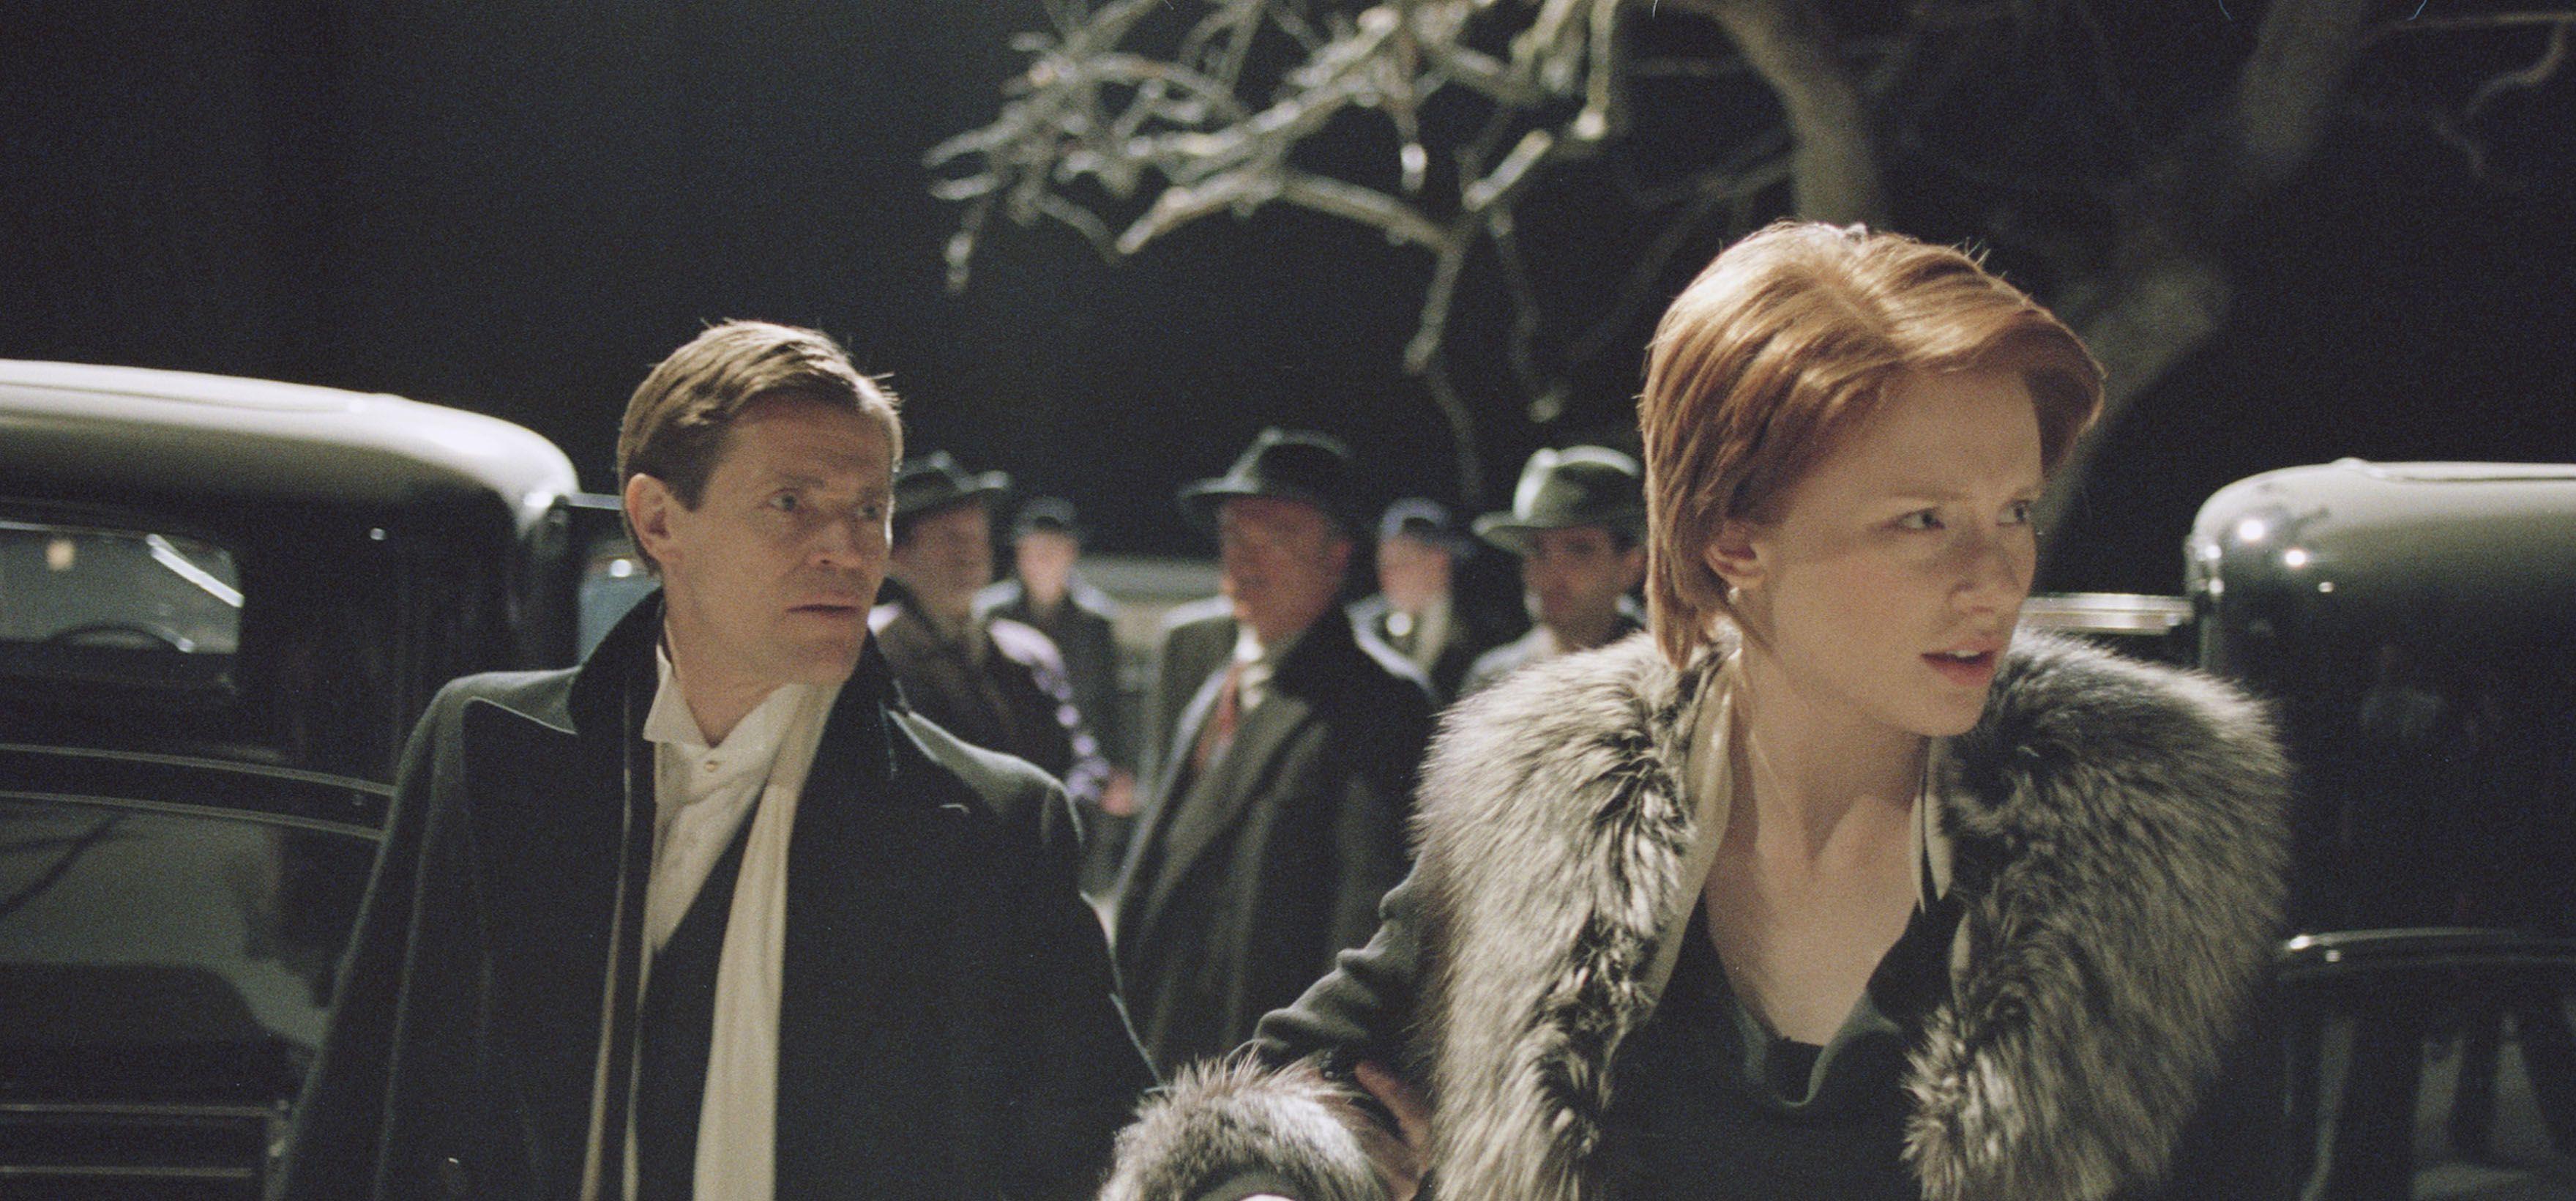 Мандерлей (Manderlay, 2005